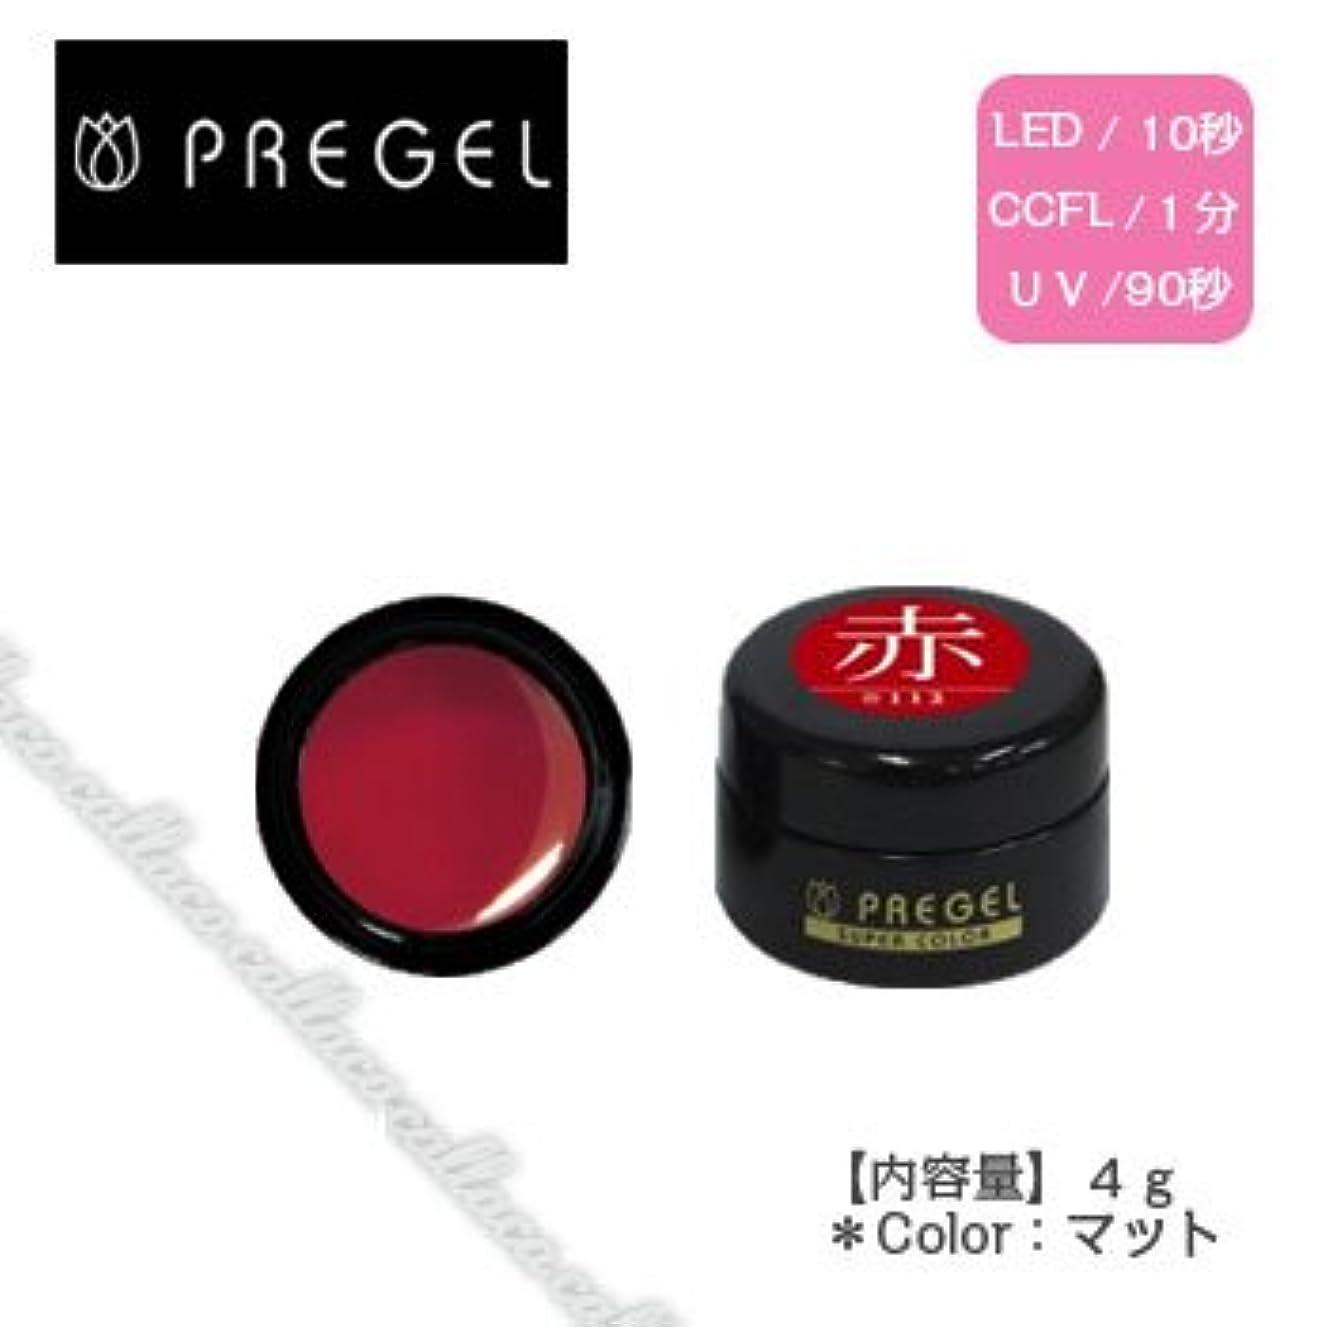 ゴール規模リマPREGEL プリジェル スーパーカラーEX PG-SE112 赤 4g